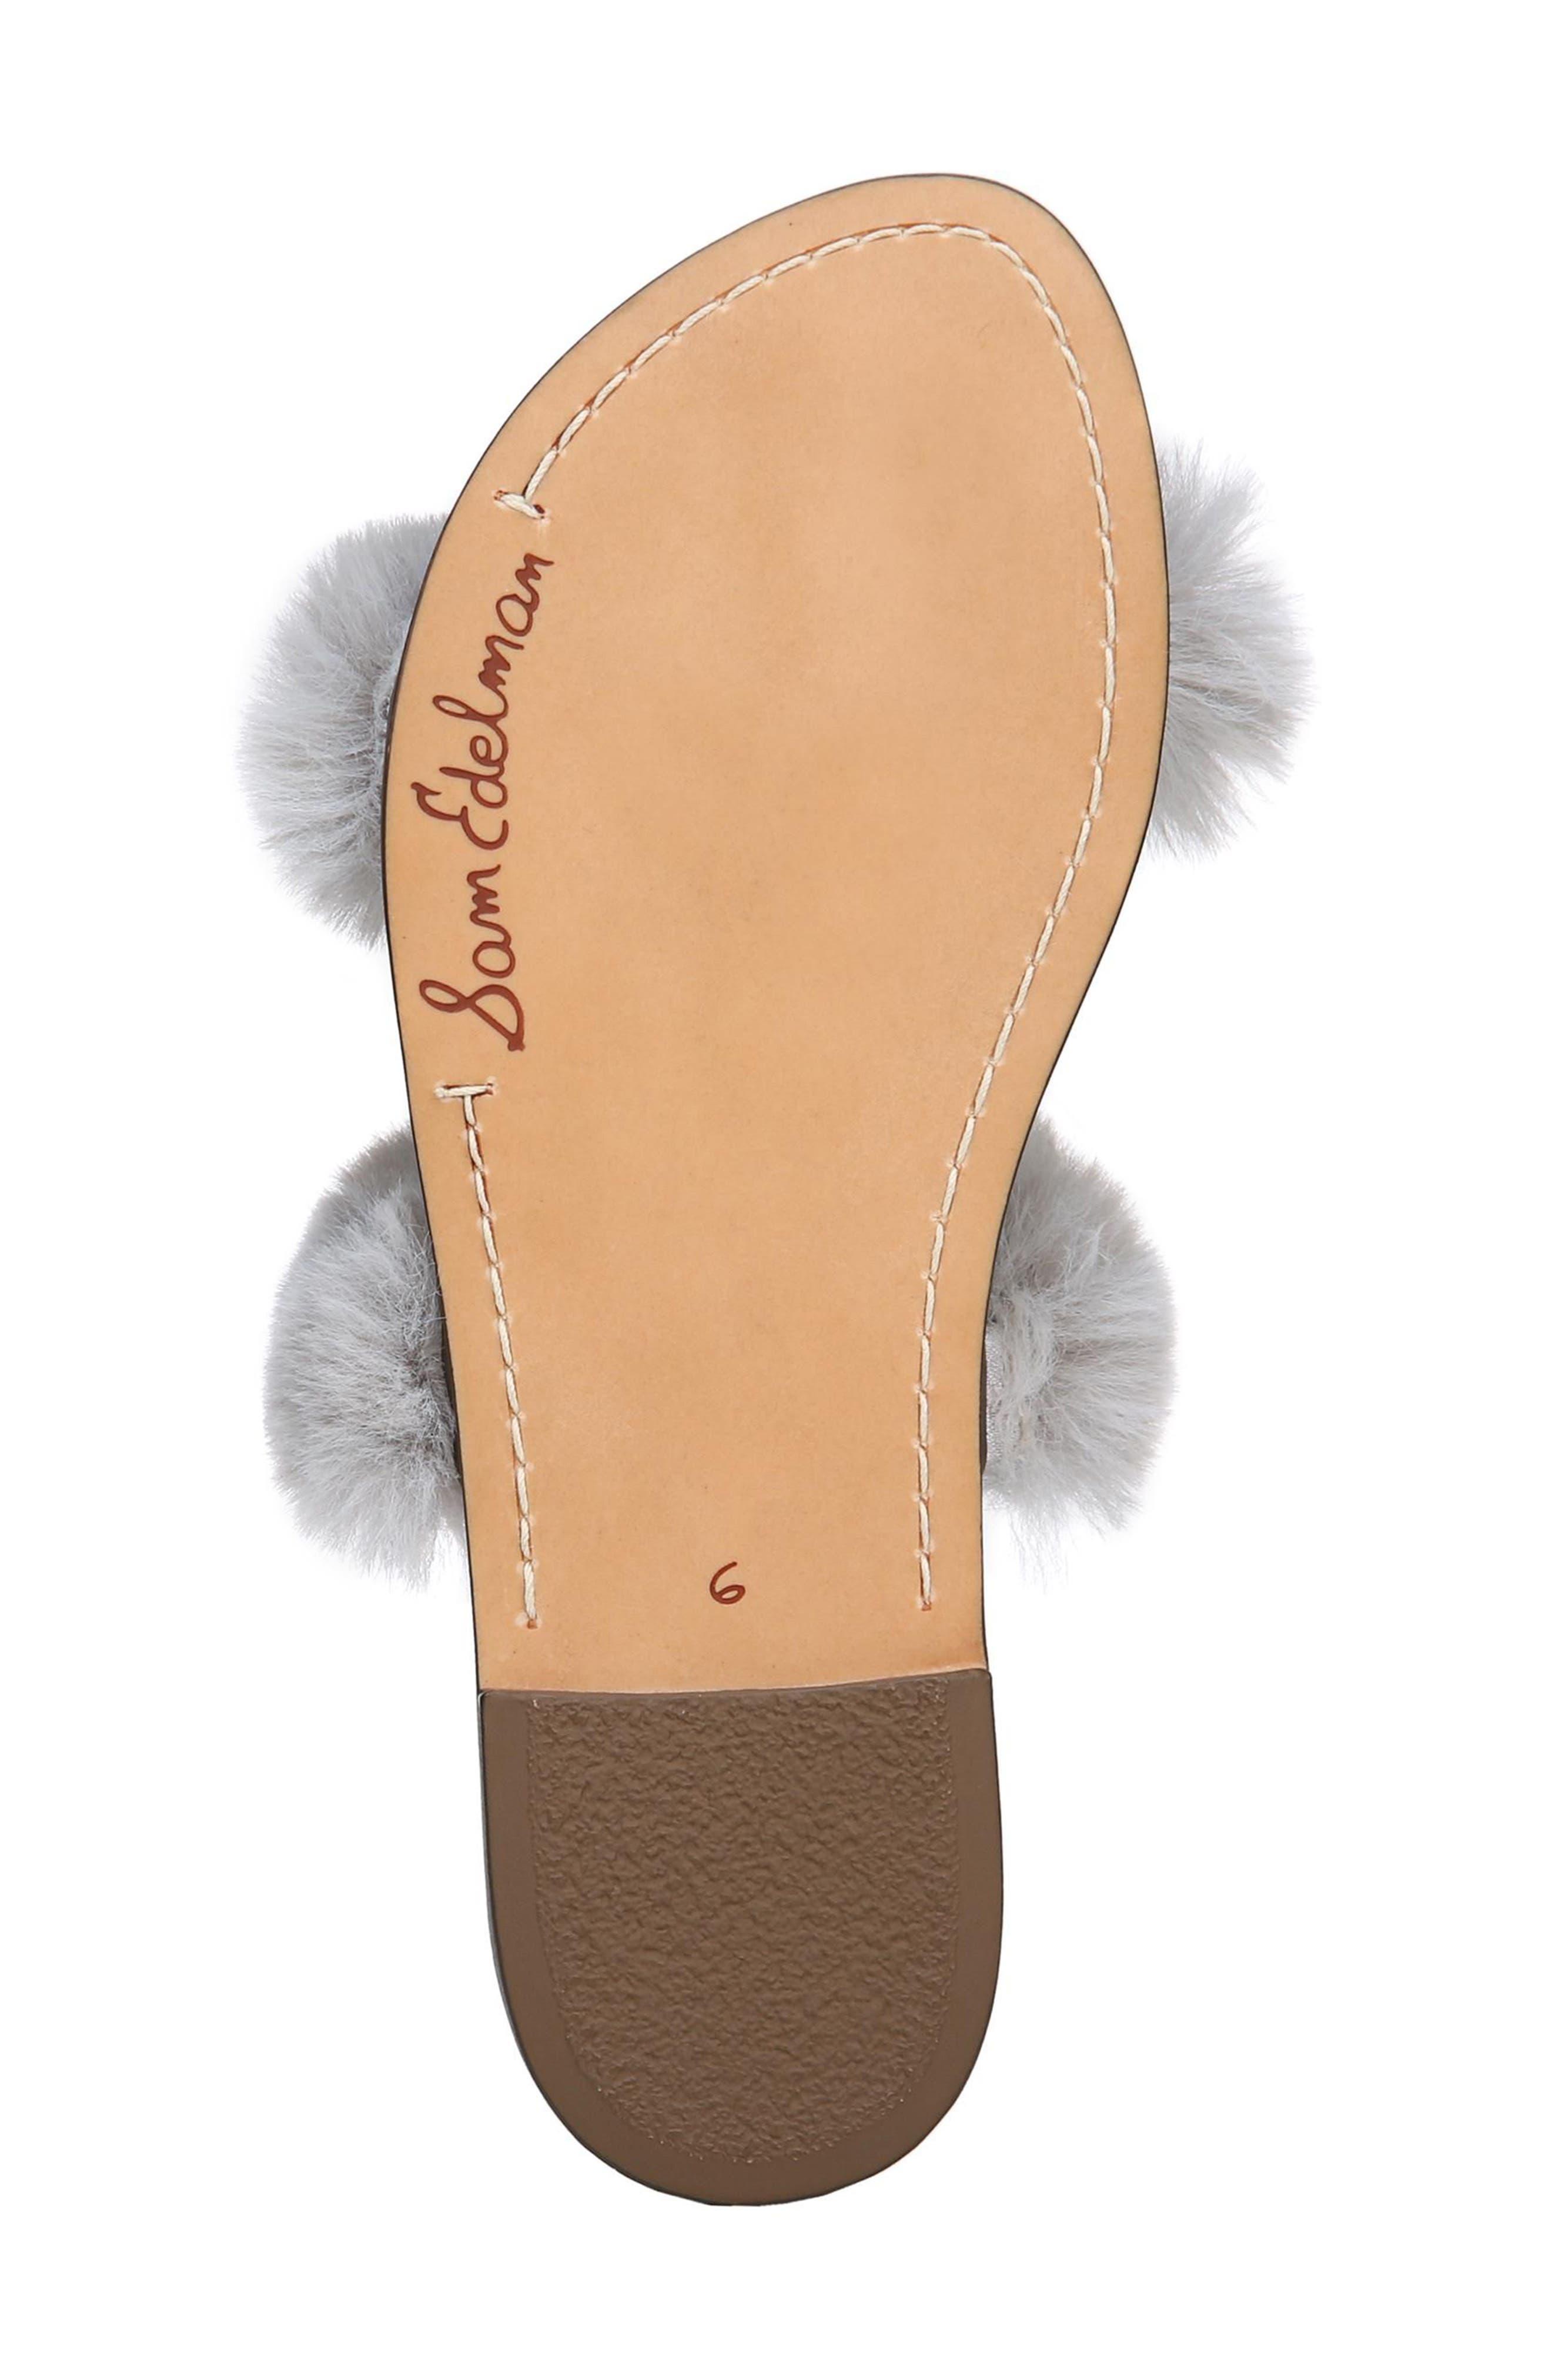 Griselda Faux Fur Slide Sandal,                             Alternate thumbnail 6, color,                             Light Grey Faux Fur